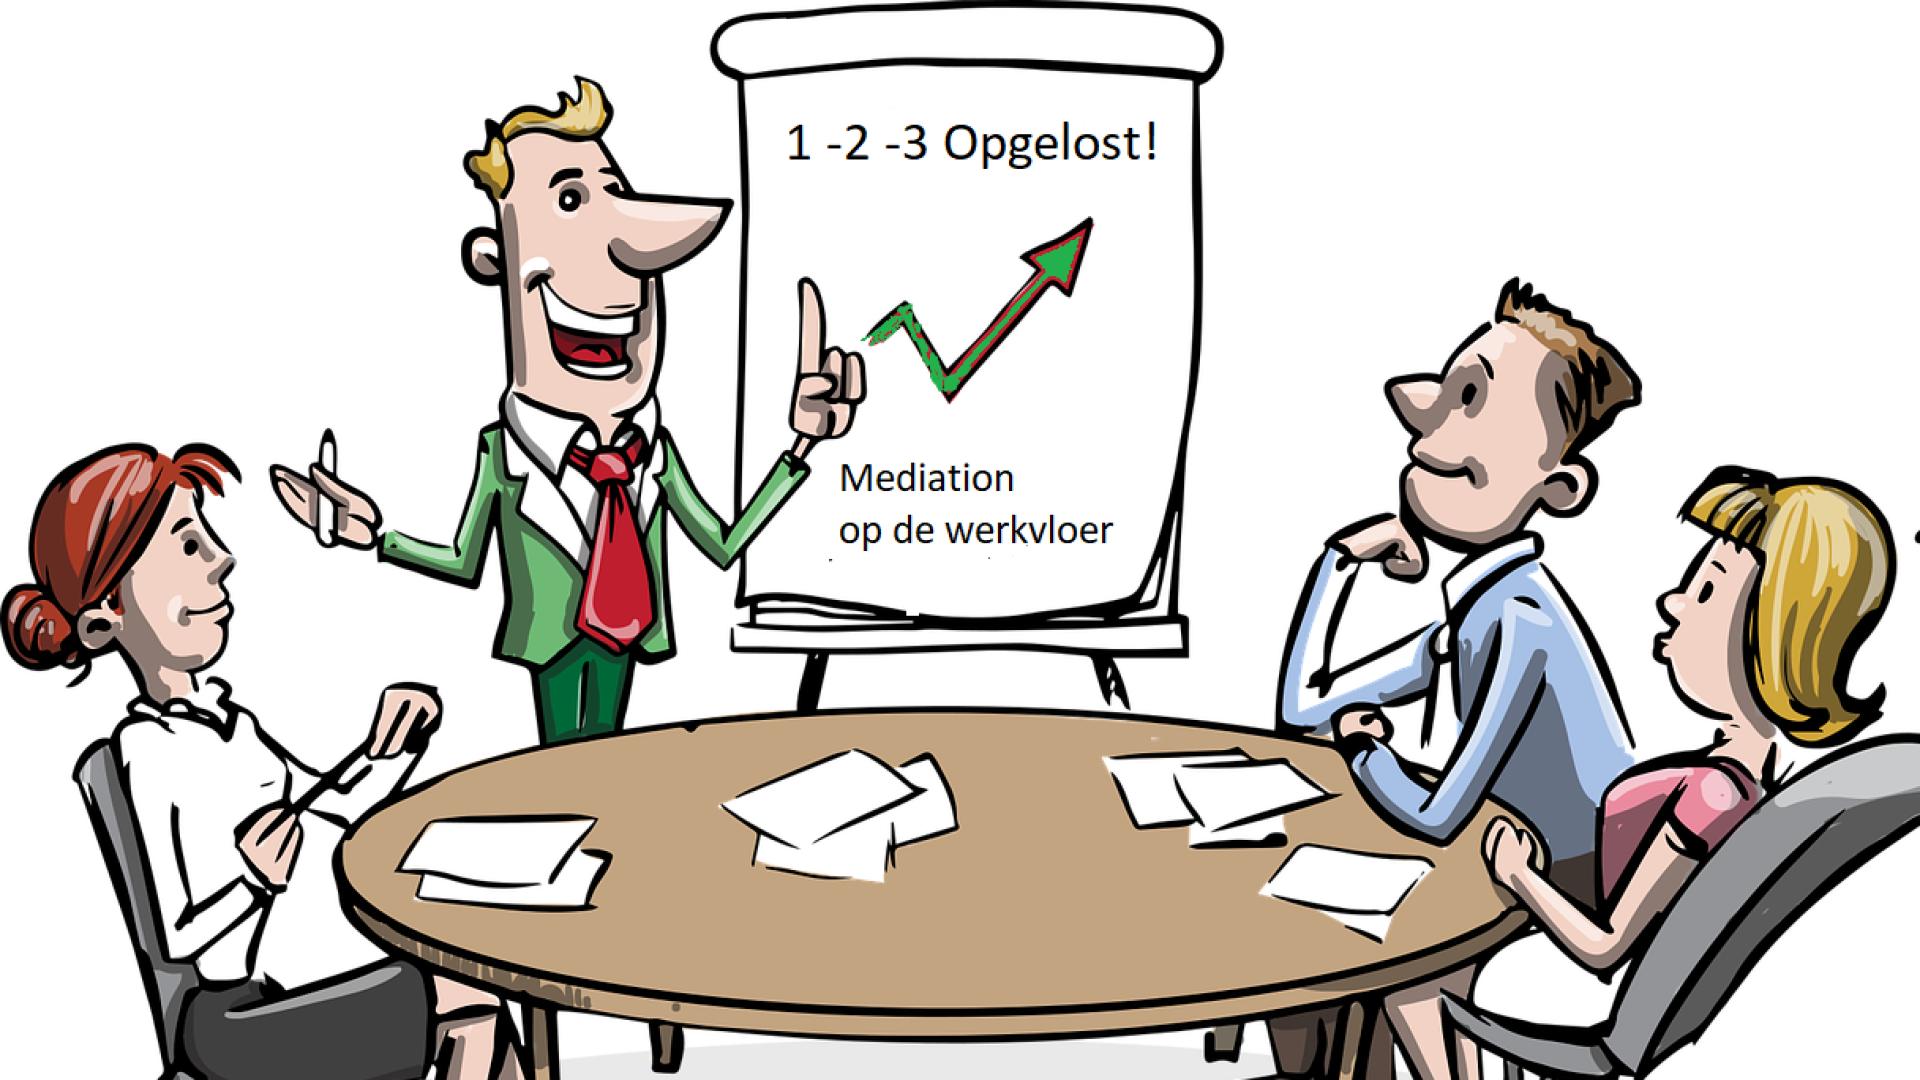 Mediation op de werkvloer